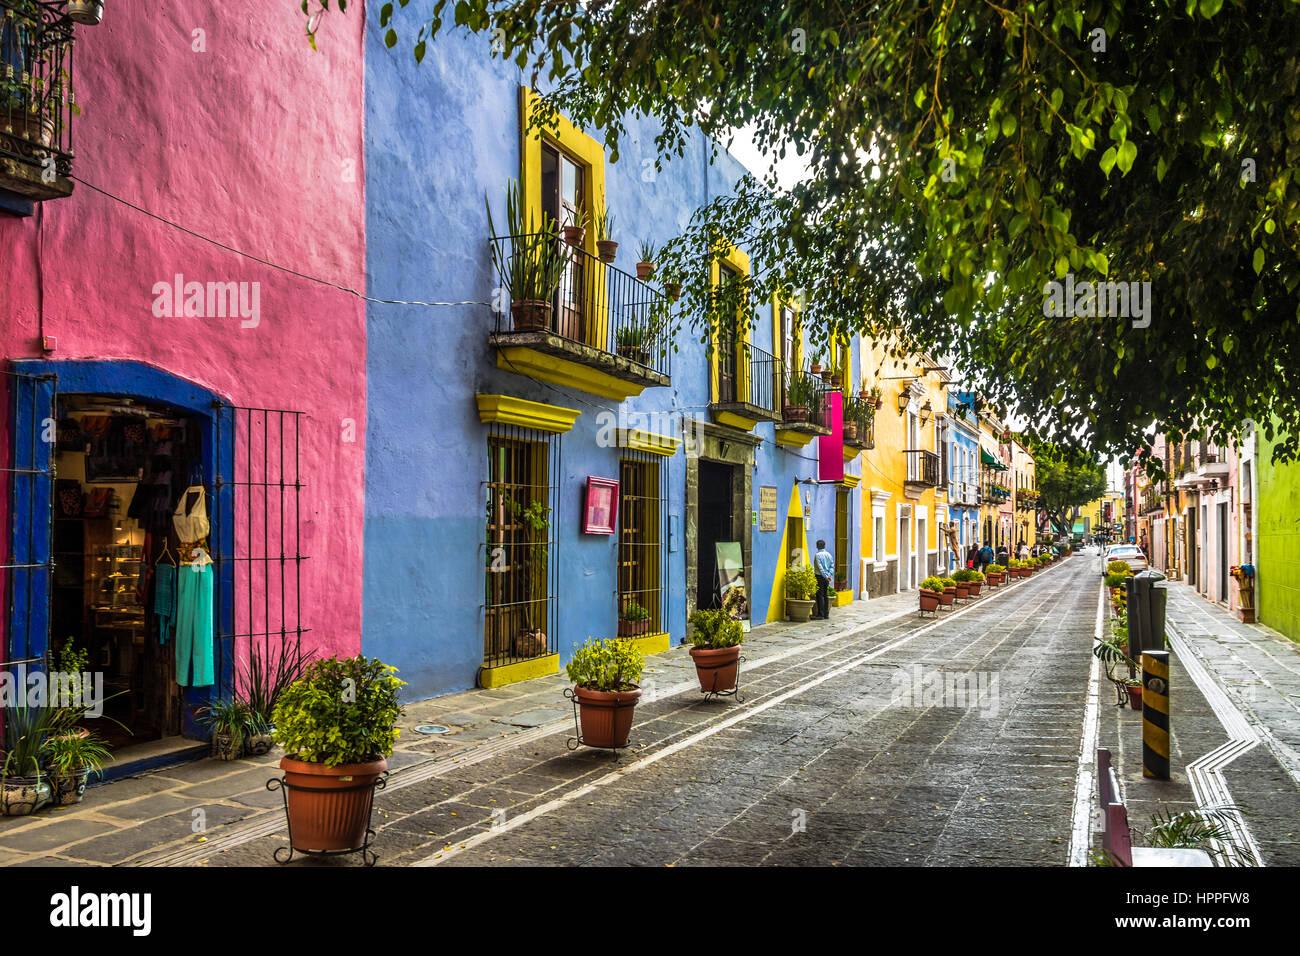 Callejon de los Sapos - Puebla, Mexico - Stock Image